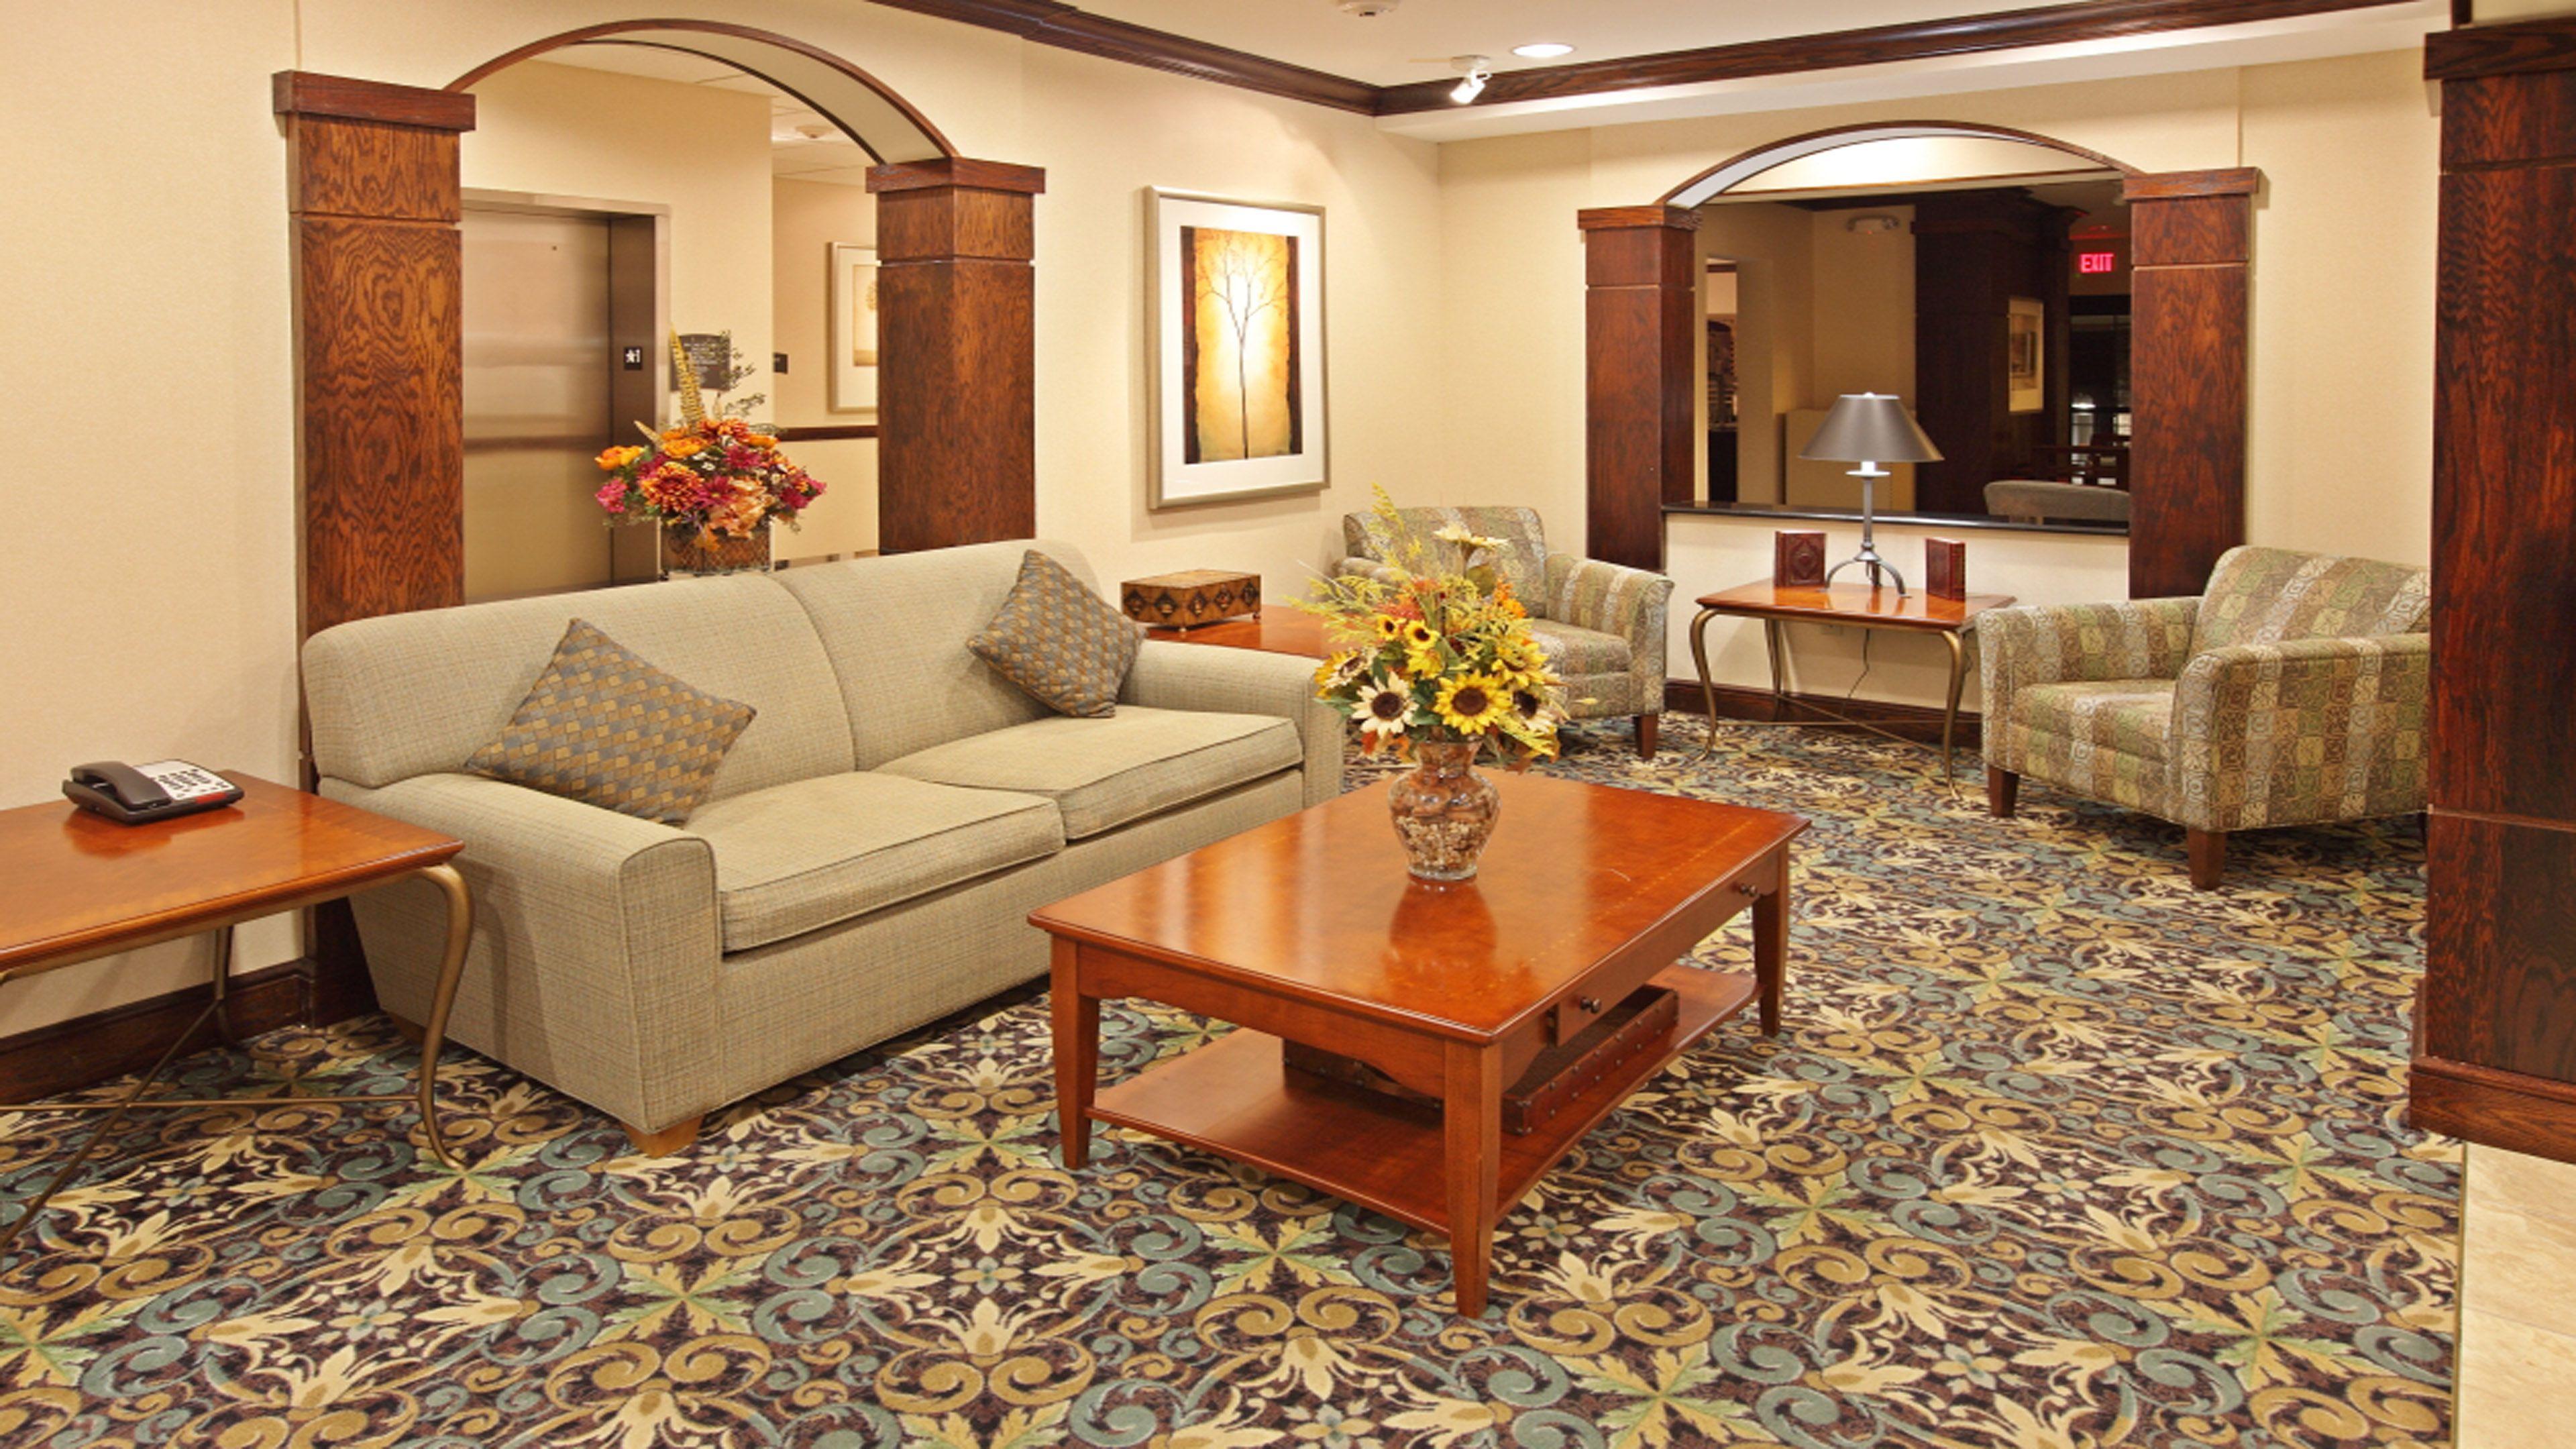 Staybridge Suites Hot Springs image 6